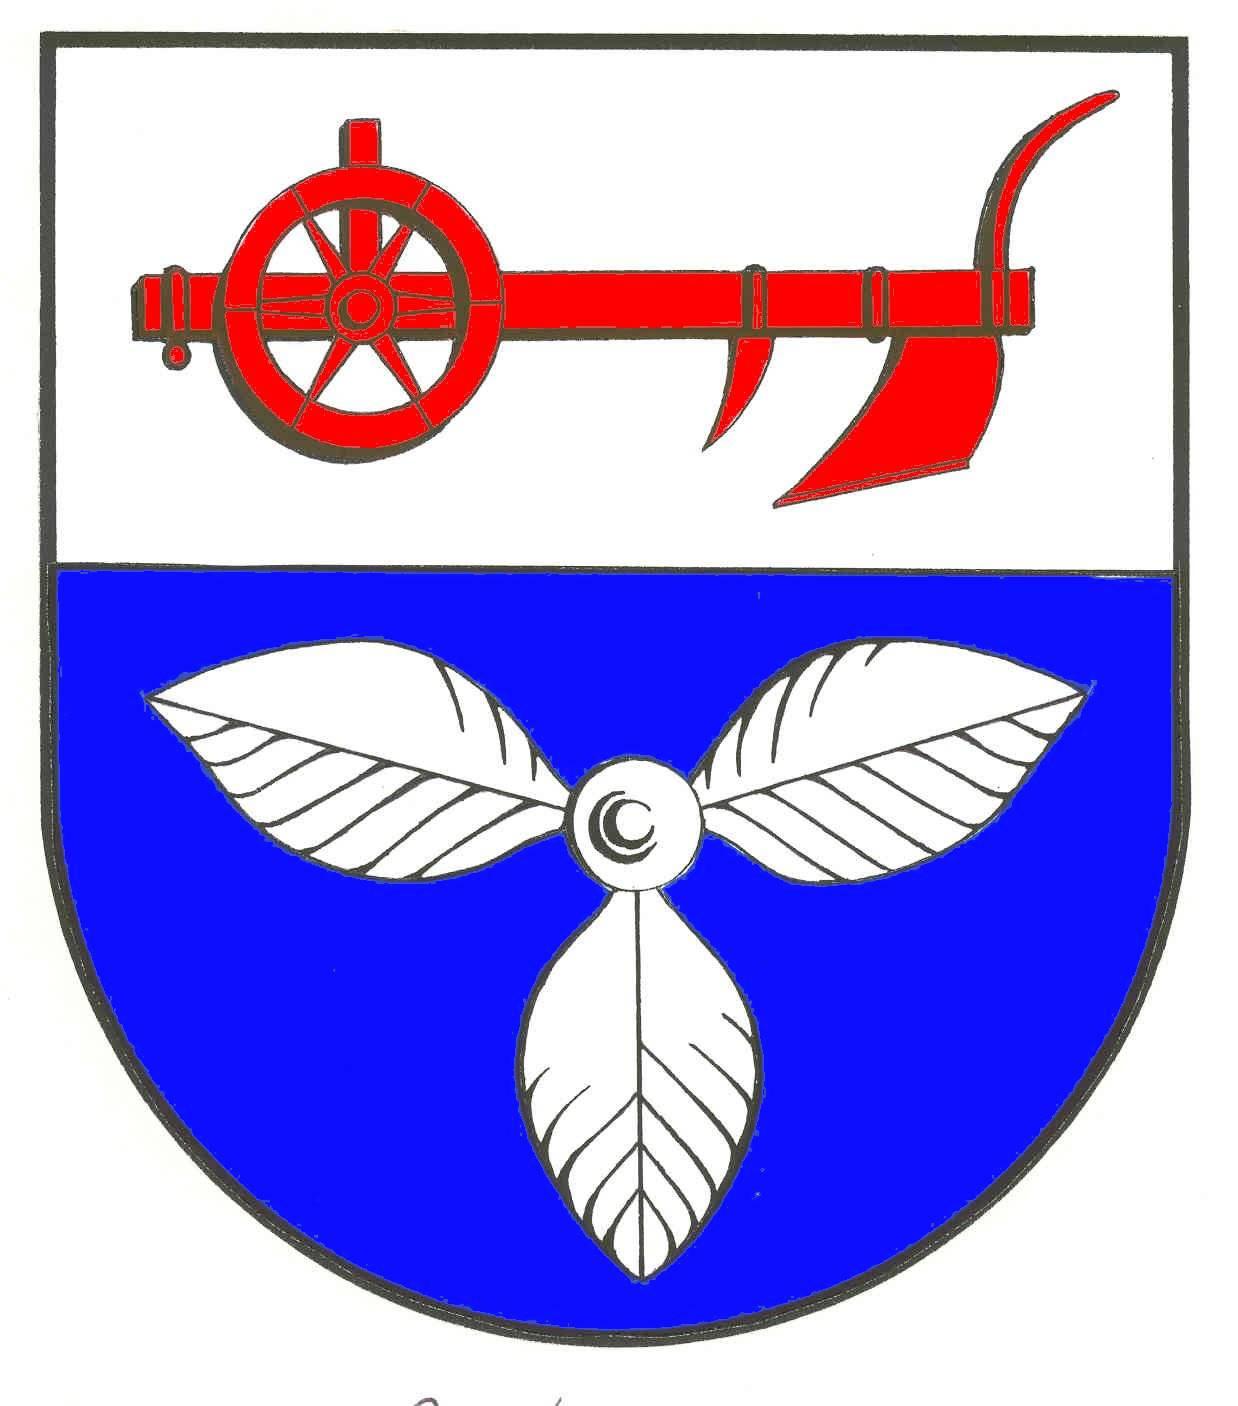 Wappen GemeindeFelde, Kreis Rendsburg-Eckernförde